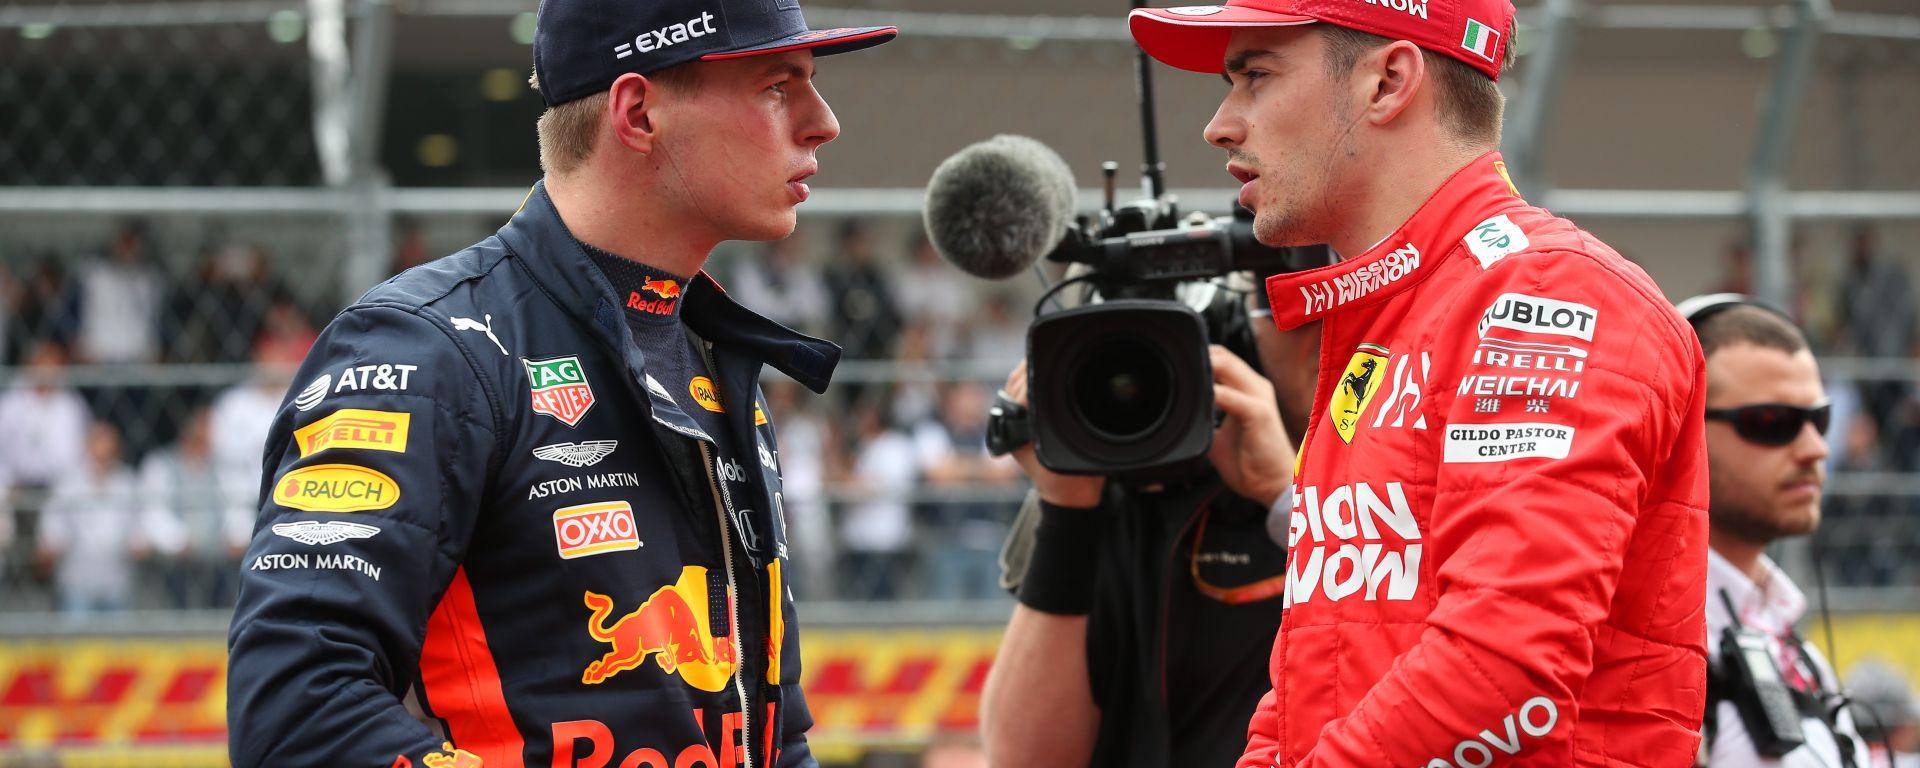 F1 GP Messico 2019, Città del Messico: Max Verstappen (Red Bull) e Charles Leclerc (Ferrari)